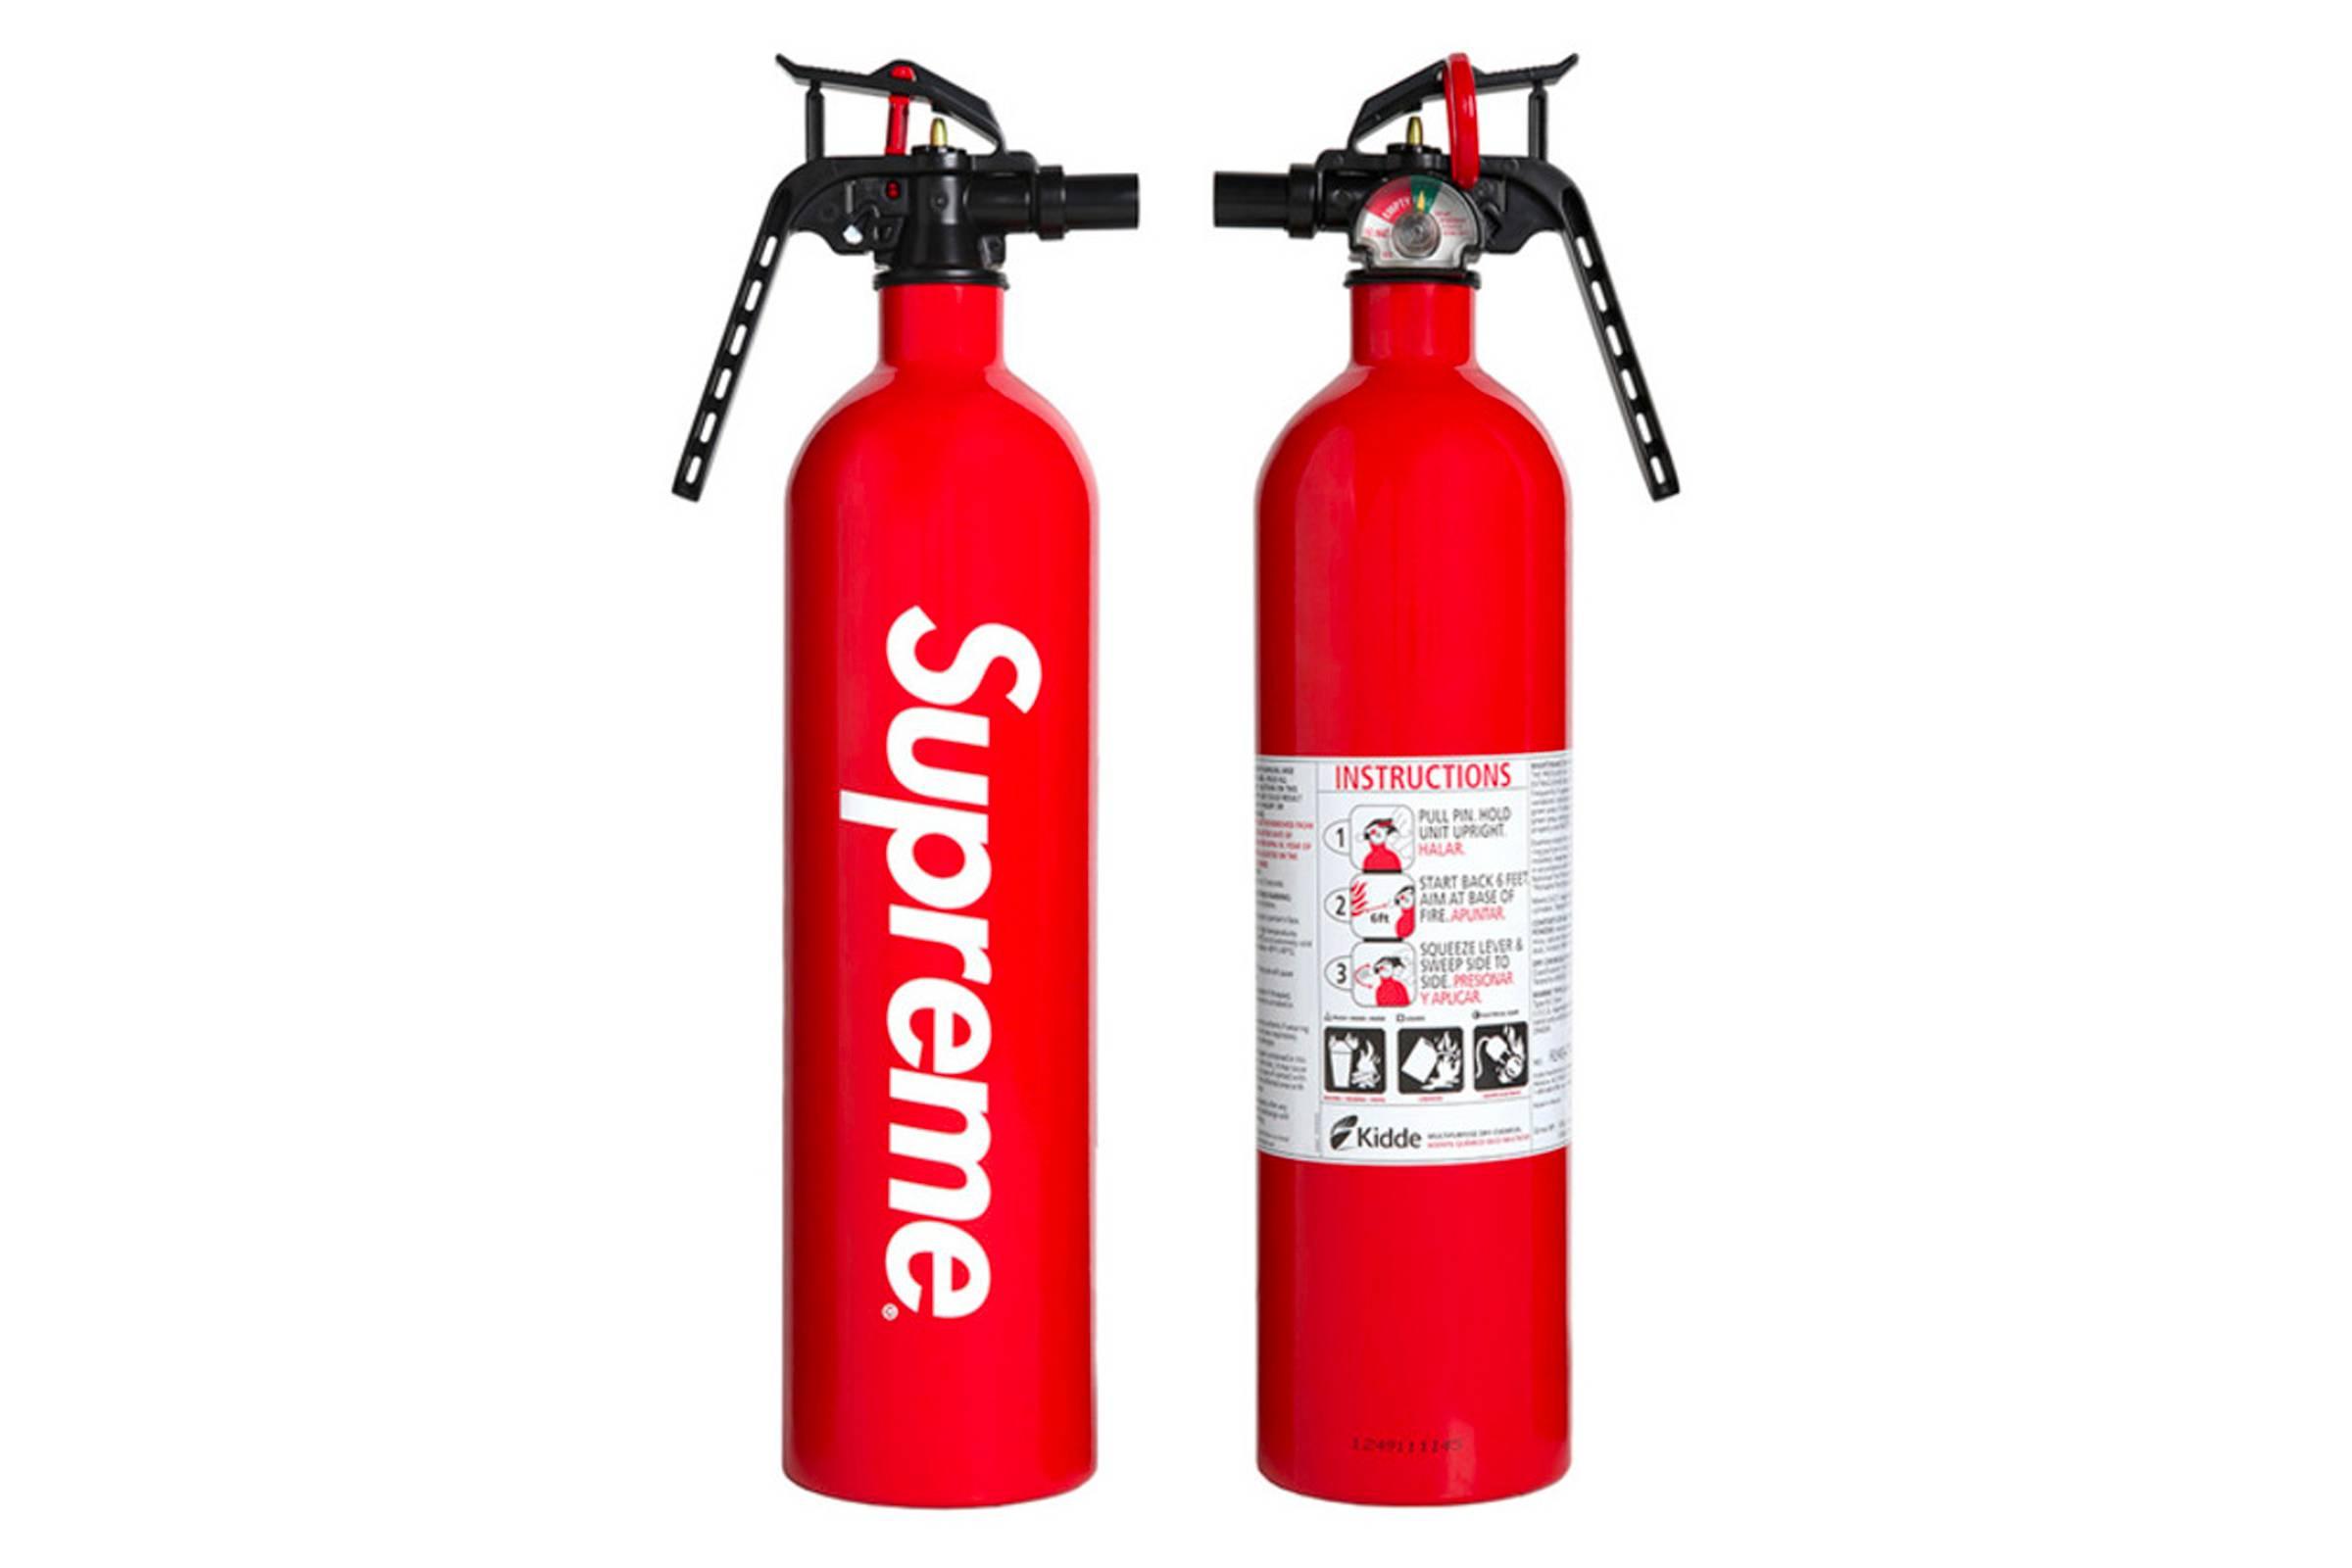 Supreme x Kidde Fire Extinguisher (Spring/Summer 2015)